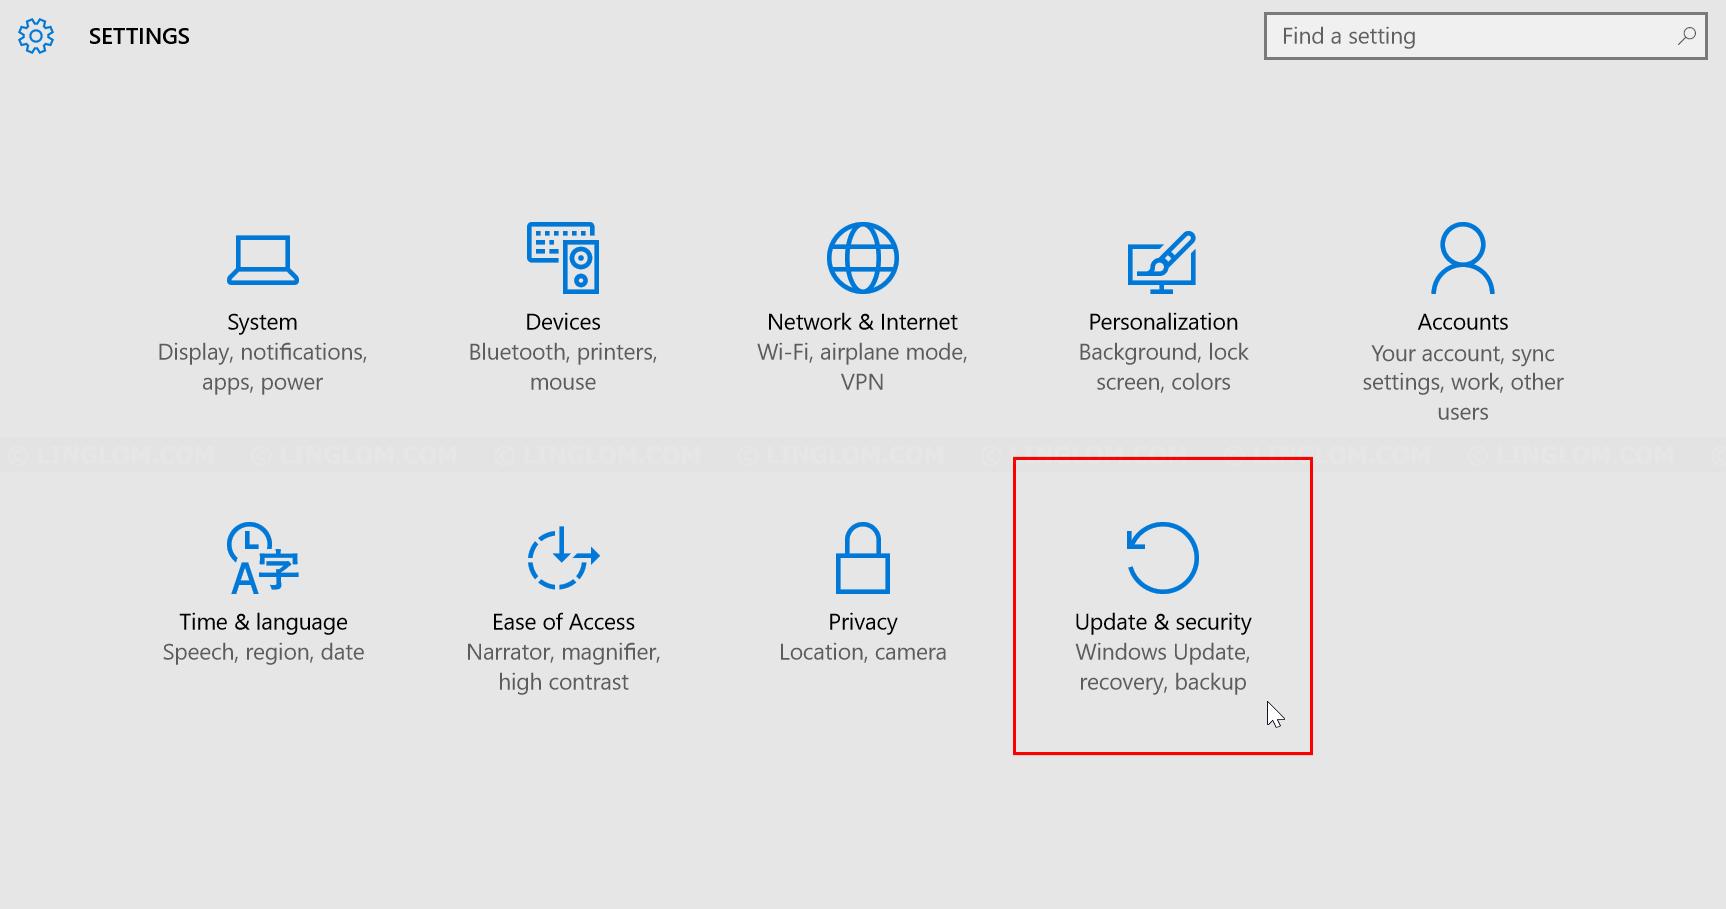 Open Update & security